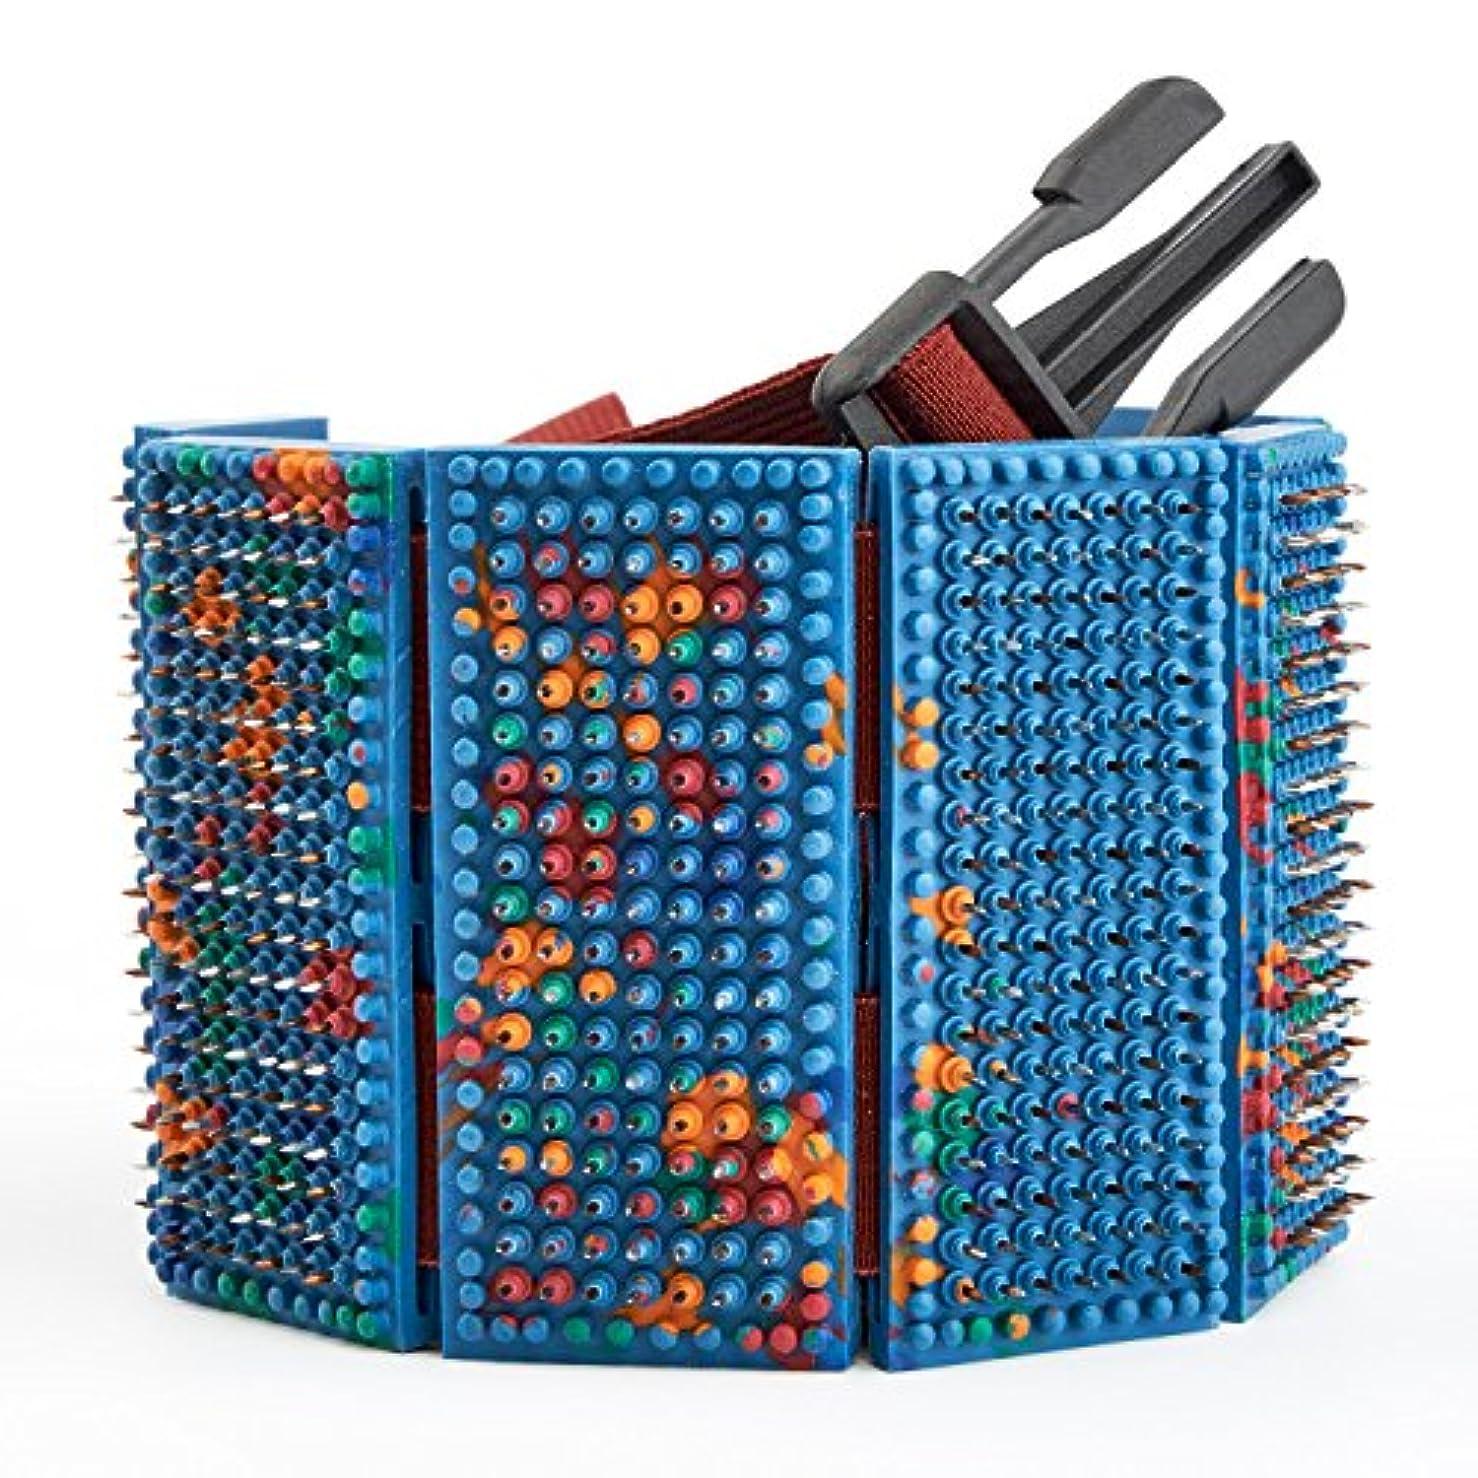 禁止する連隊老朽化したLYAPKO Acupuncture Belt KID 3.5 Ag 960 Needles 6 Plates with 2 Adjustable Belts. Premium Acupressure Massager...